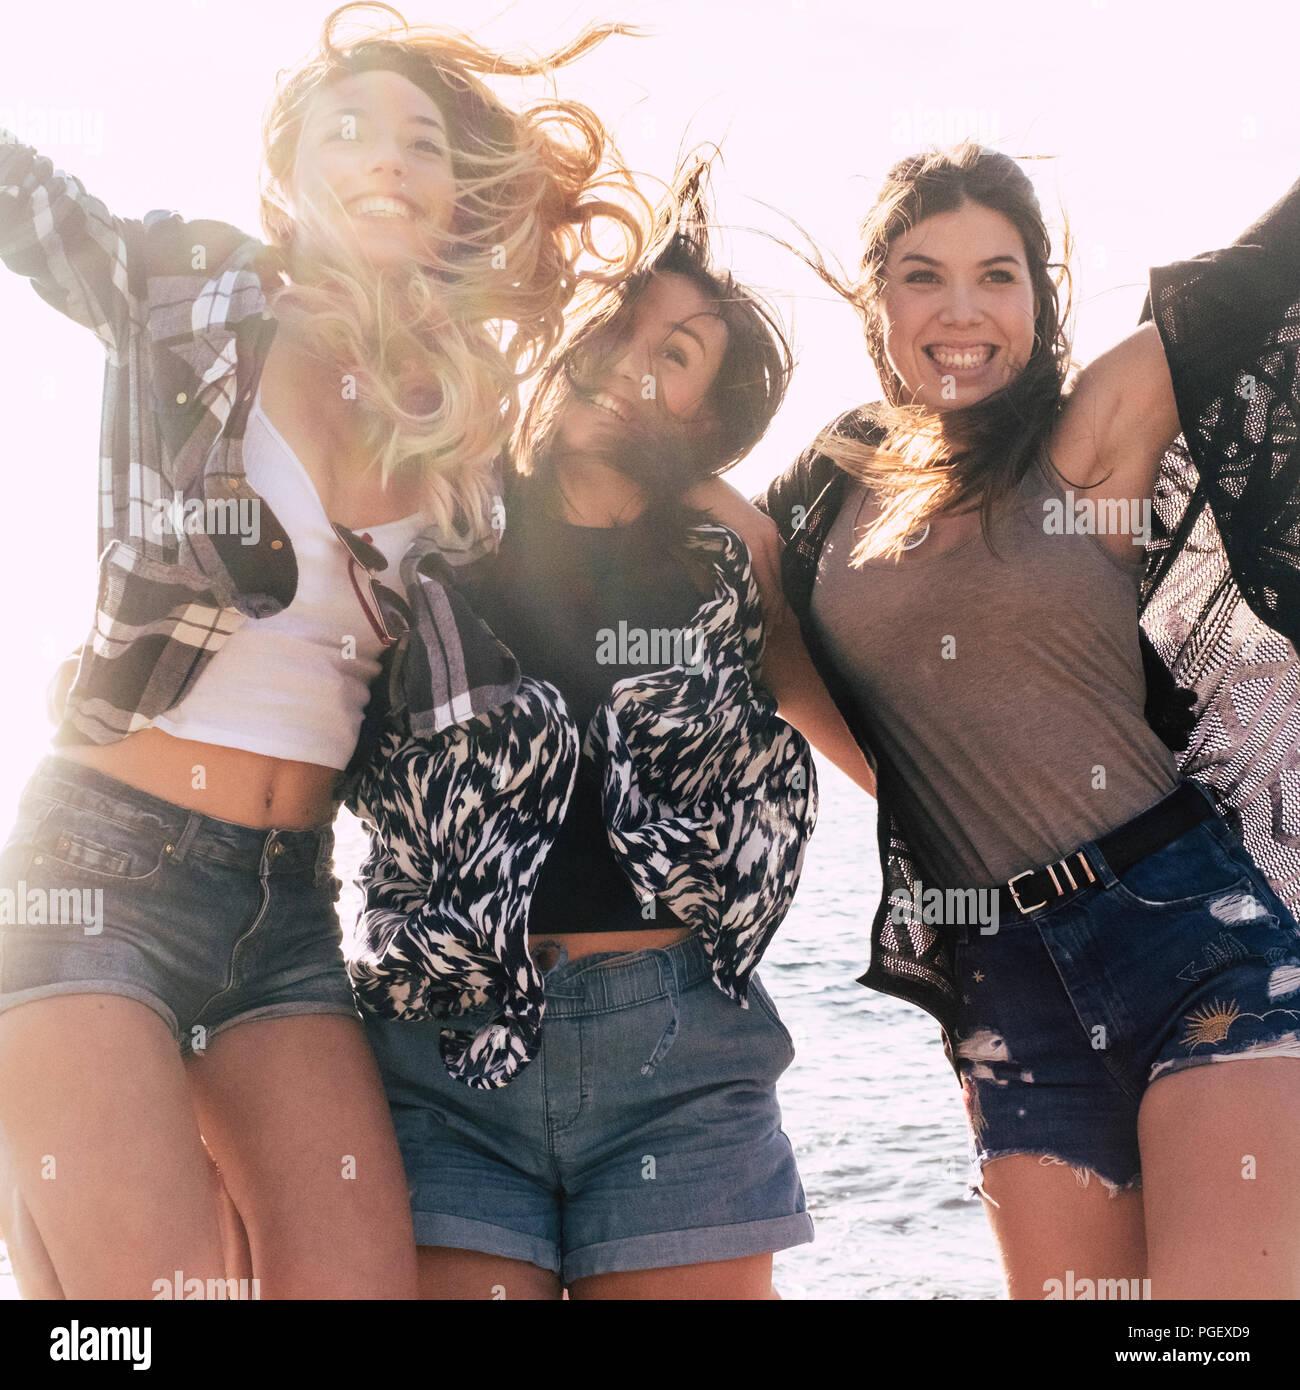 Gruppe von fröhlichen und glücklichen Mädchen springen mit Glück und Freundschaft und youthness. Outdoor Freizeitaktivitäten Aktivität für schöne junge Frauen h Stockbild